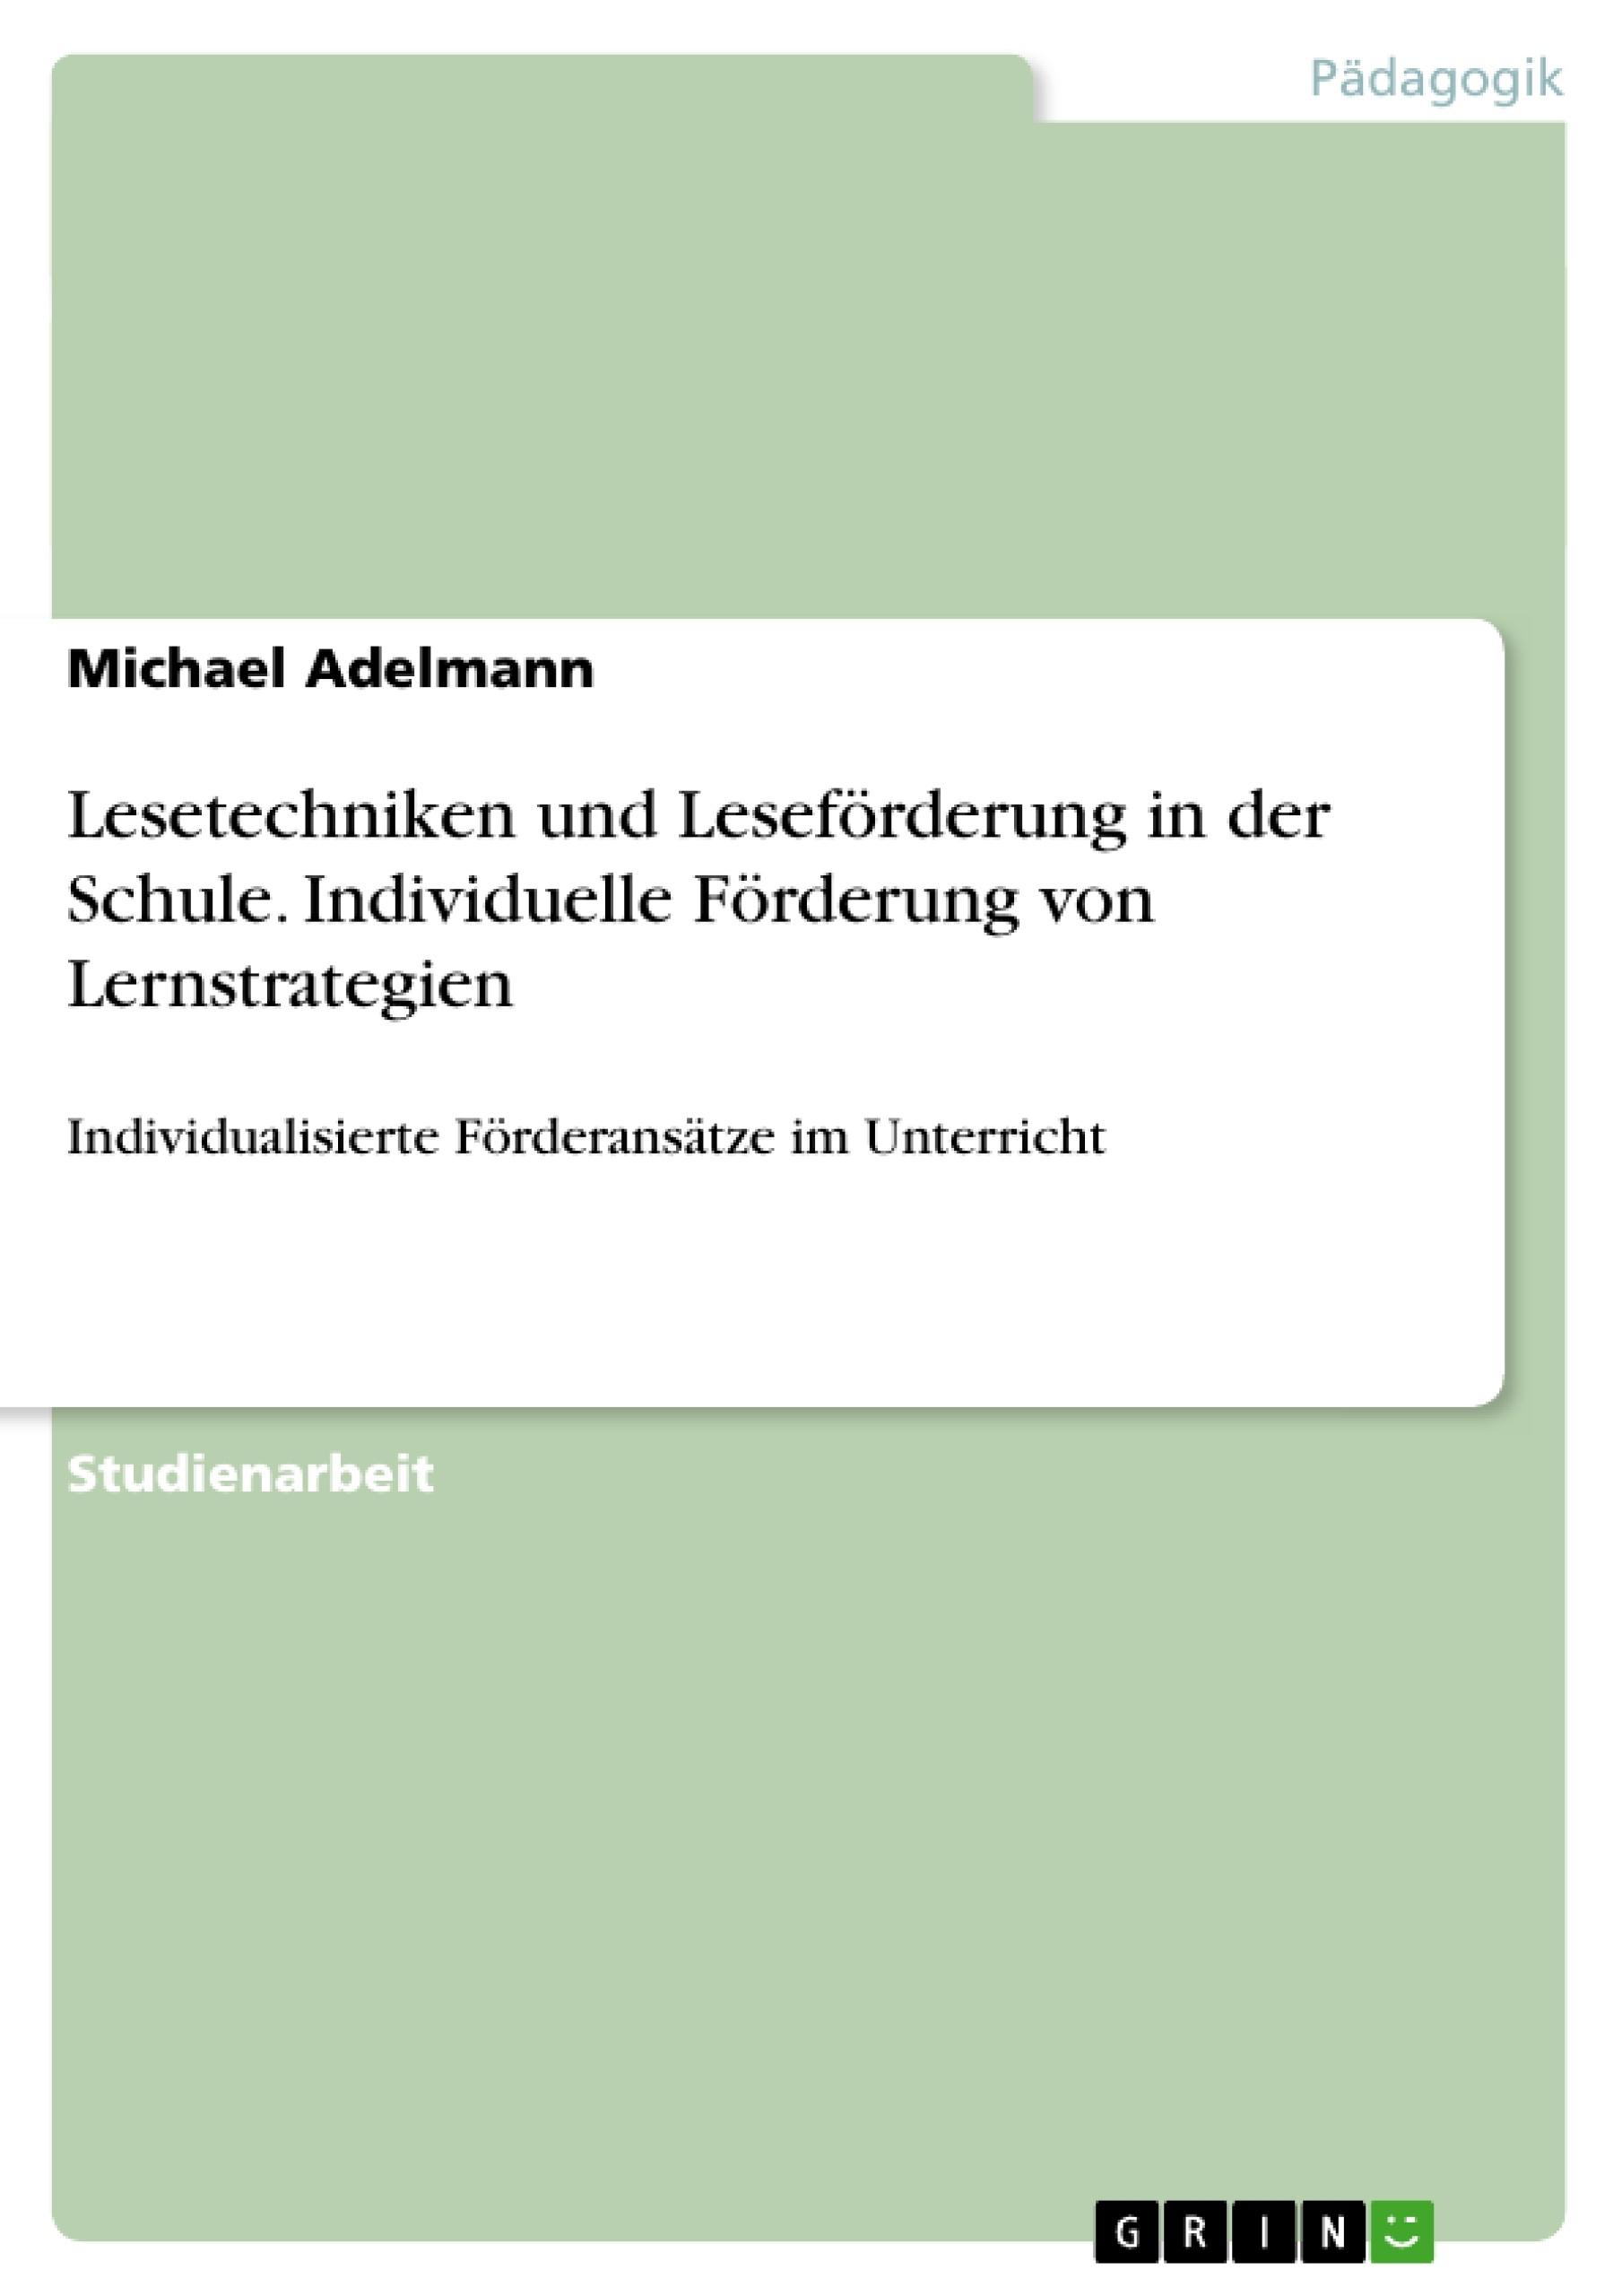 Titel: Lesetechniken und Leseförderung in der Schule. Individuelle Förderung von Lernstrategien